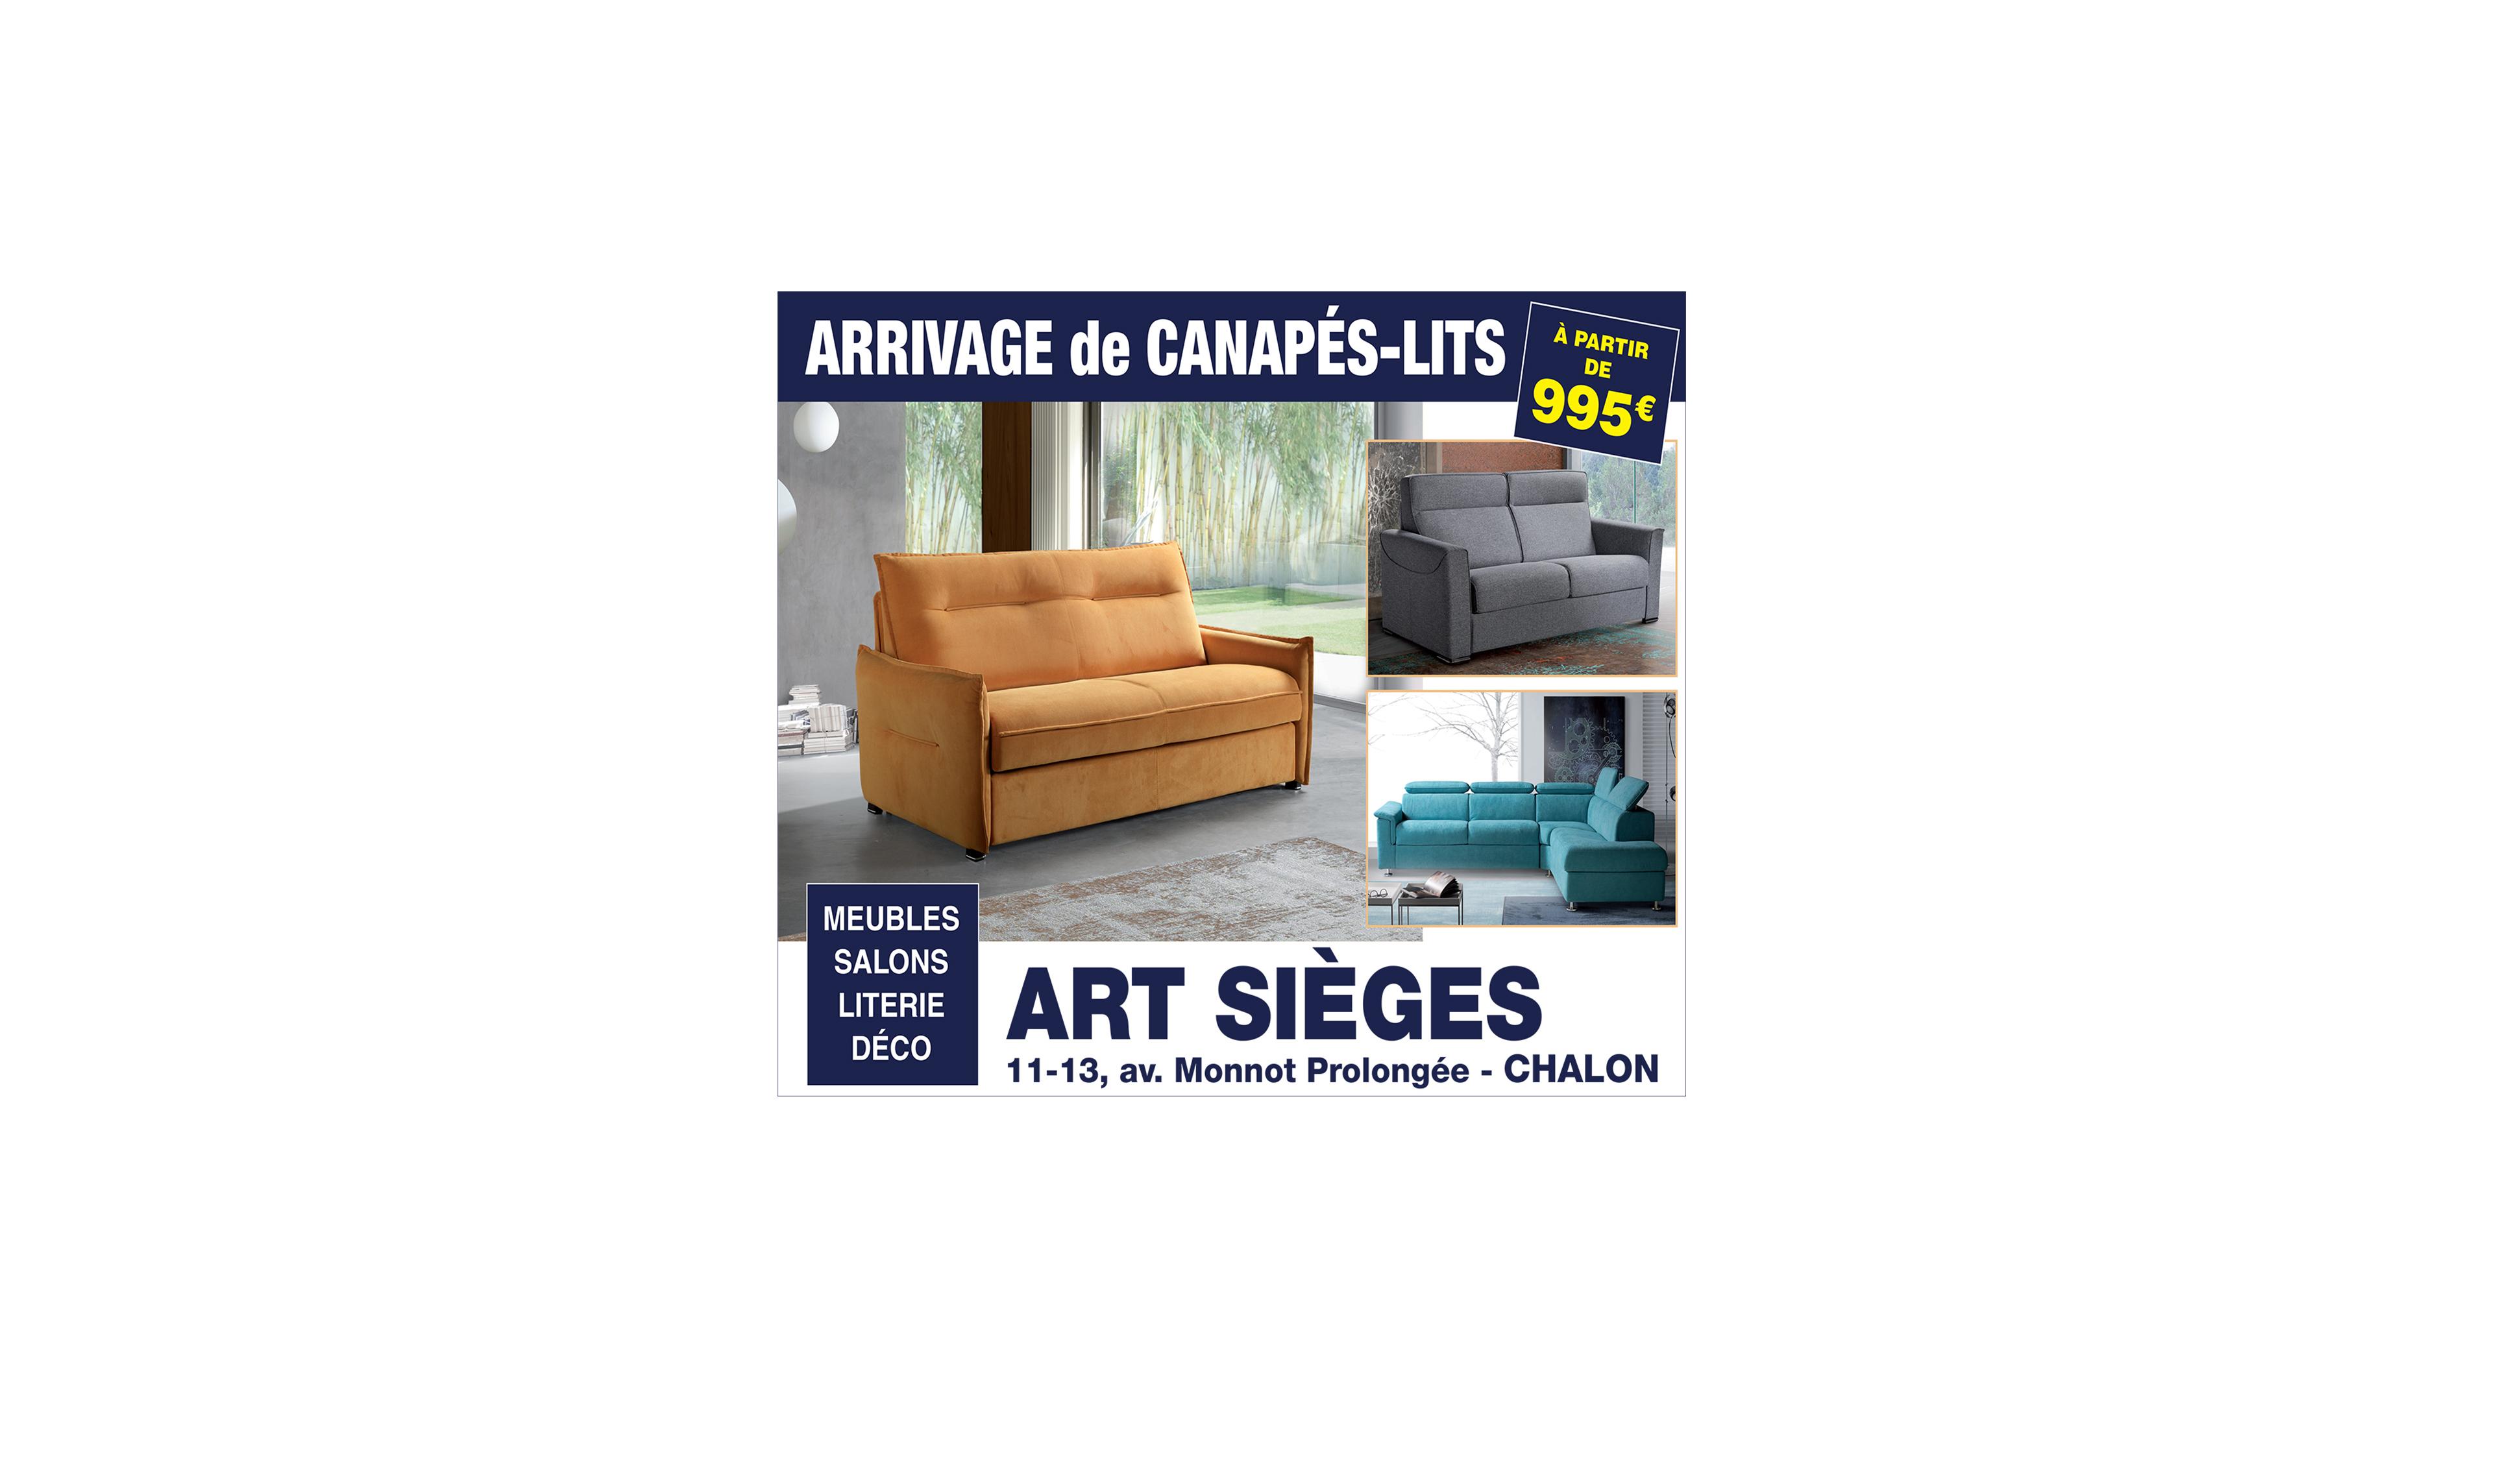 Arrivage de canapés-lits